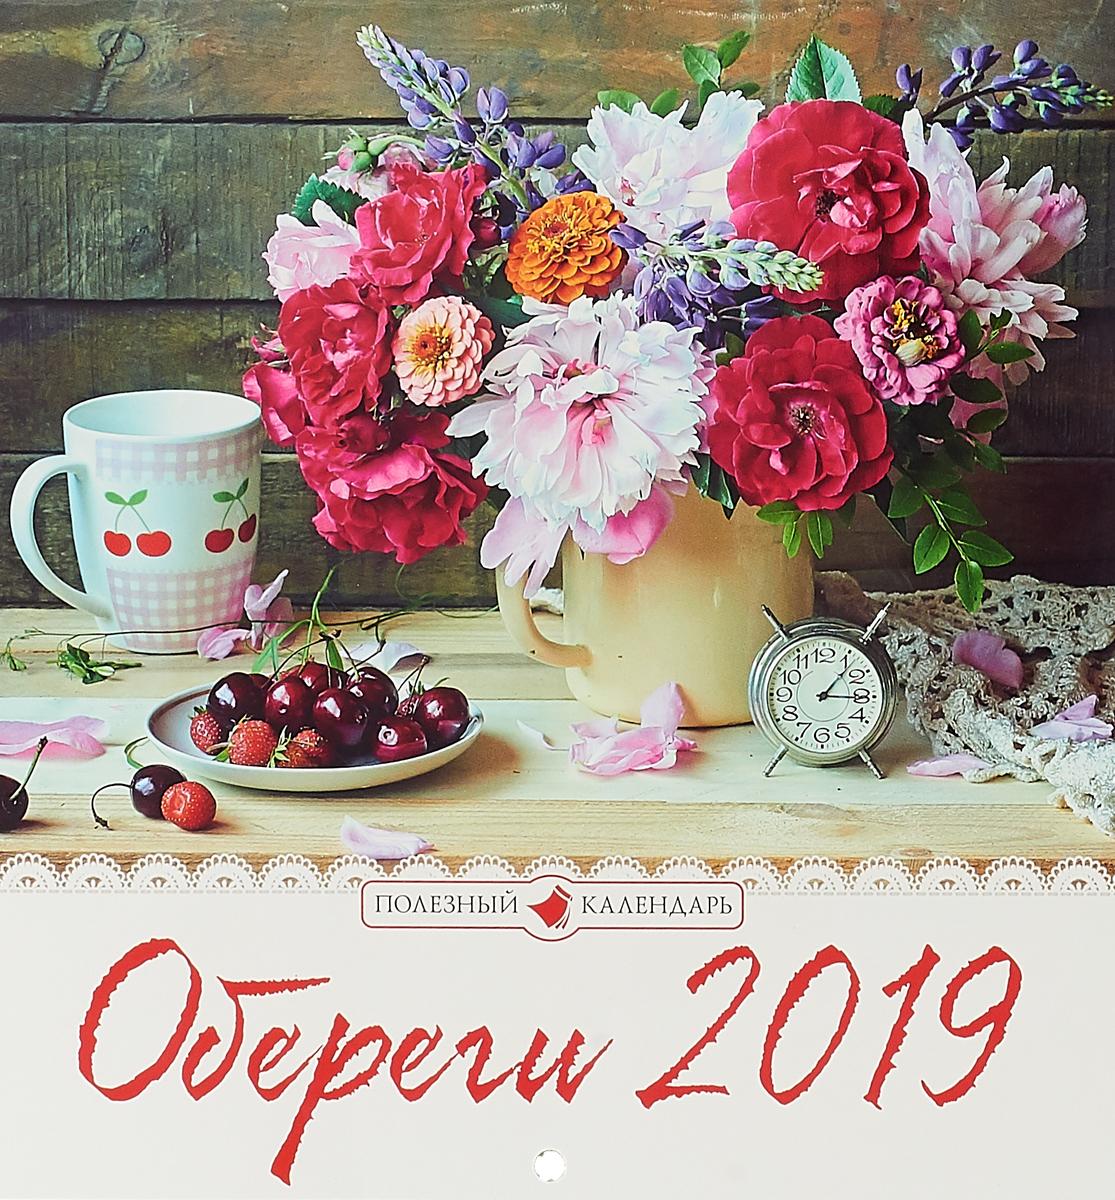 Календарь перекидной на 2019 год. Обереги